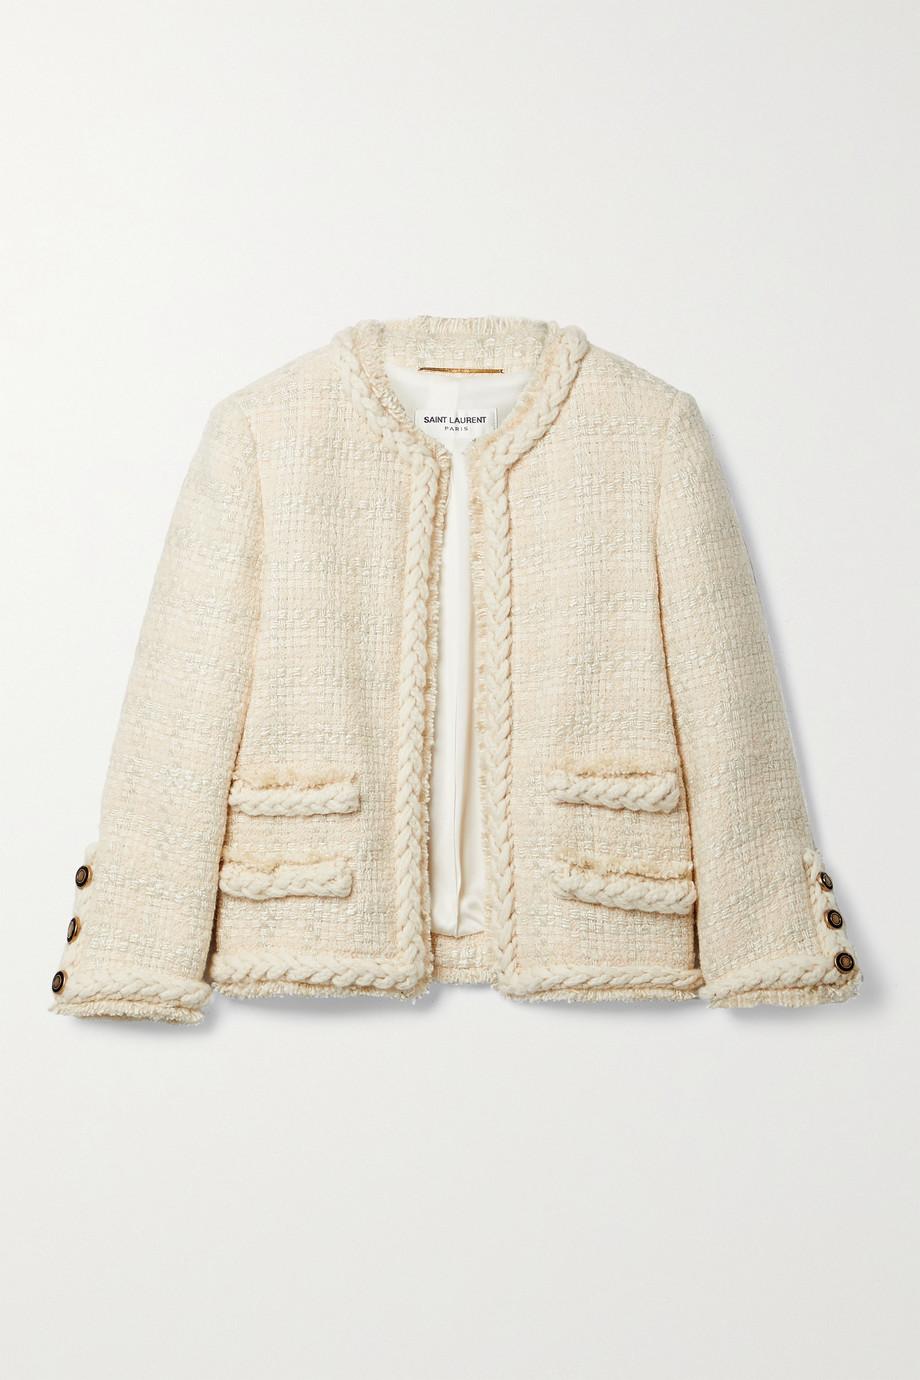 SAINT LAURENT Verkürzte Tweed-Jacke aus einer Wollmischung